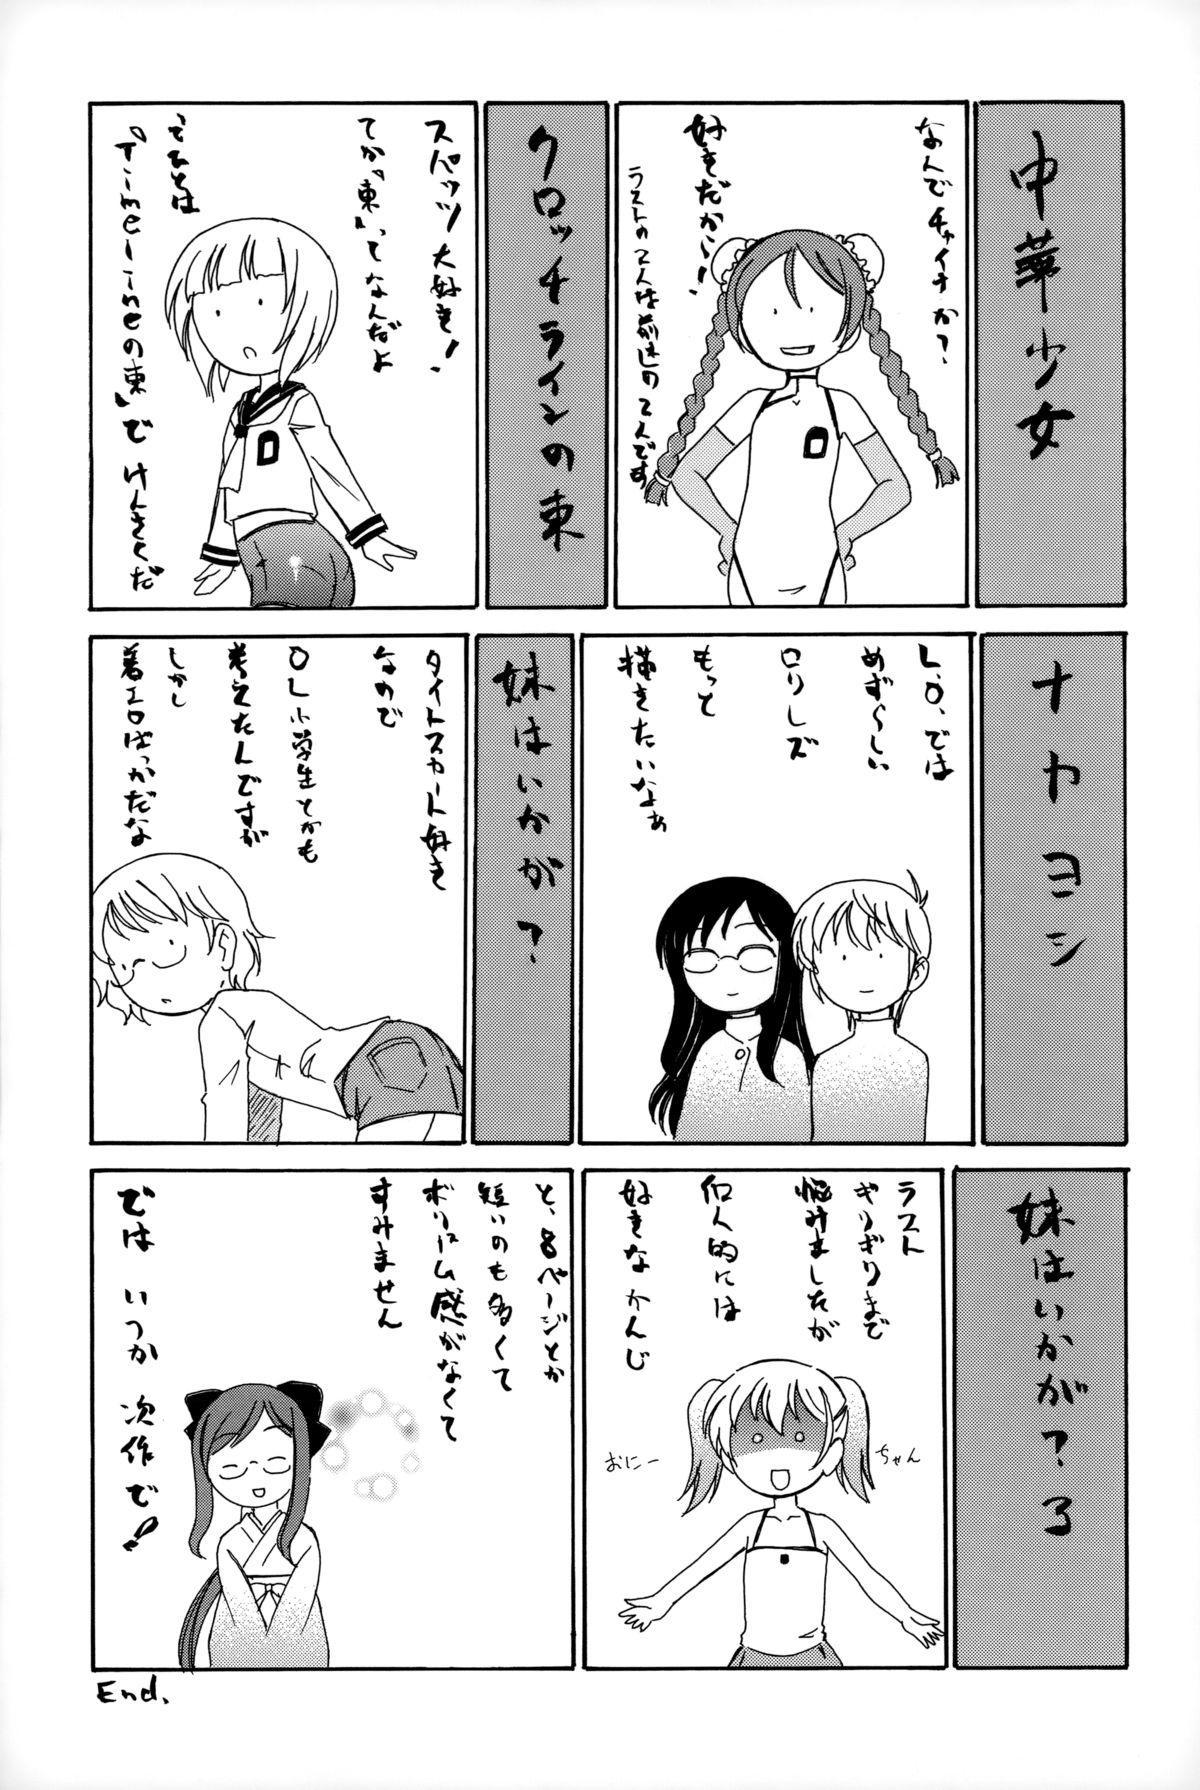 Youshou no Hana no Himitsu - The secret of Girls flowers 195